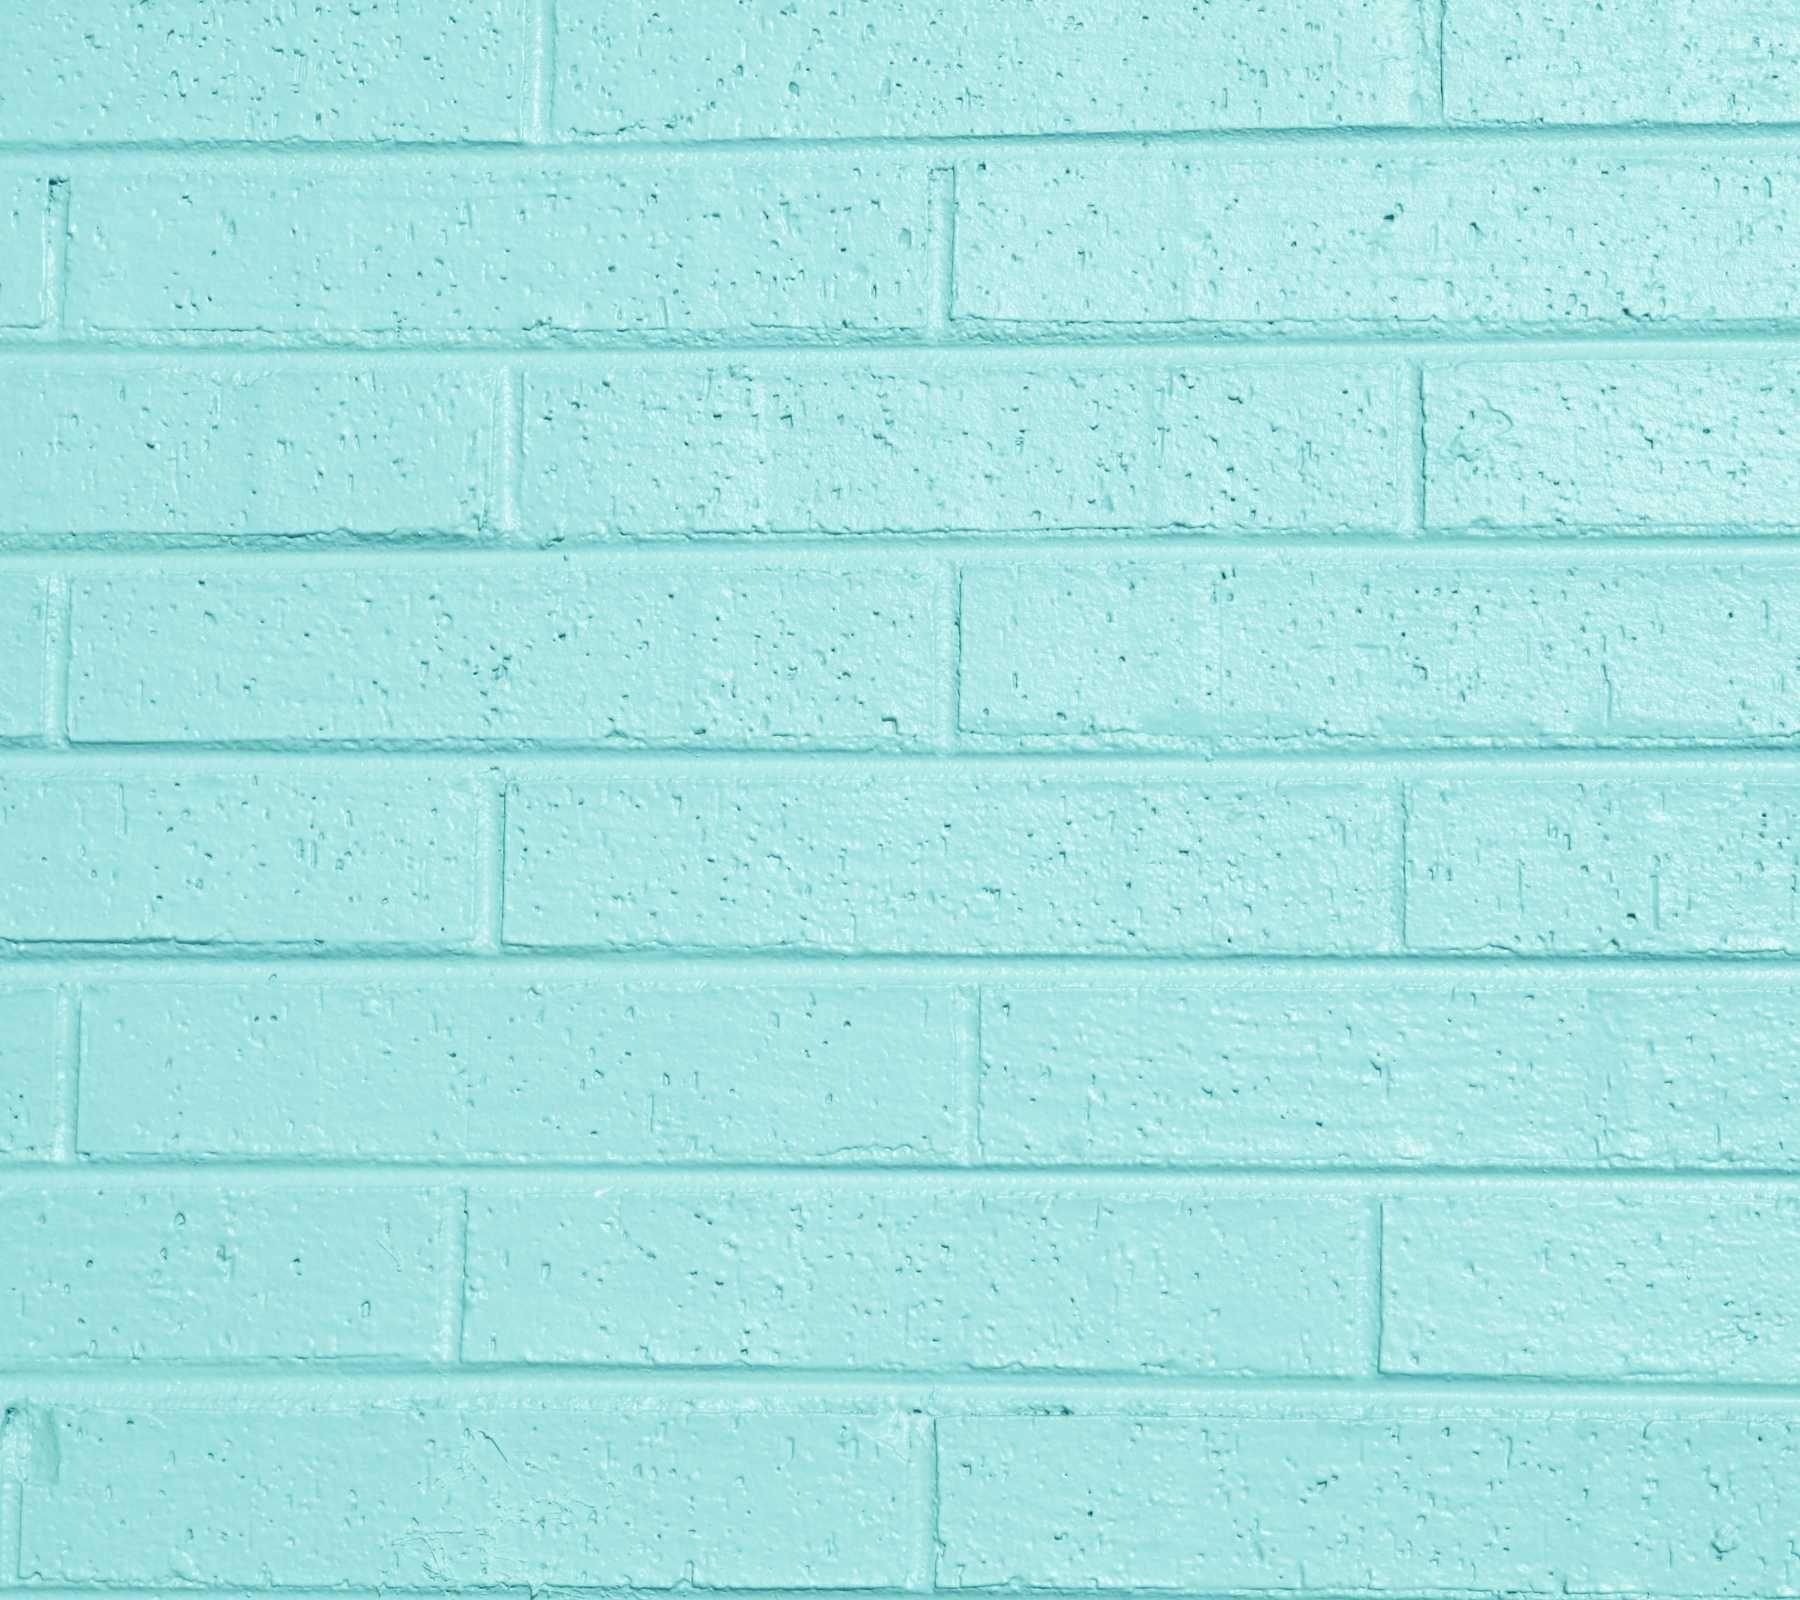 Aqua Color Wallpaper 2 Jpg 1800 1600 Hijau Mint Hijau Warna